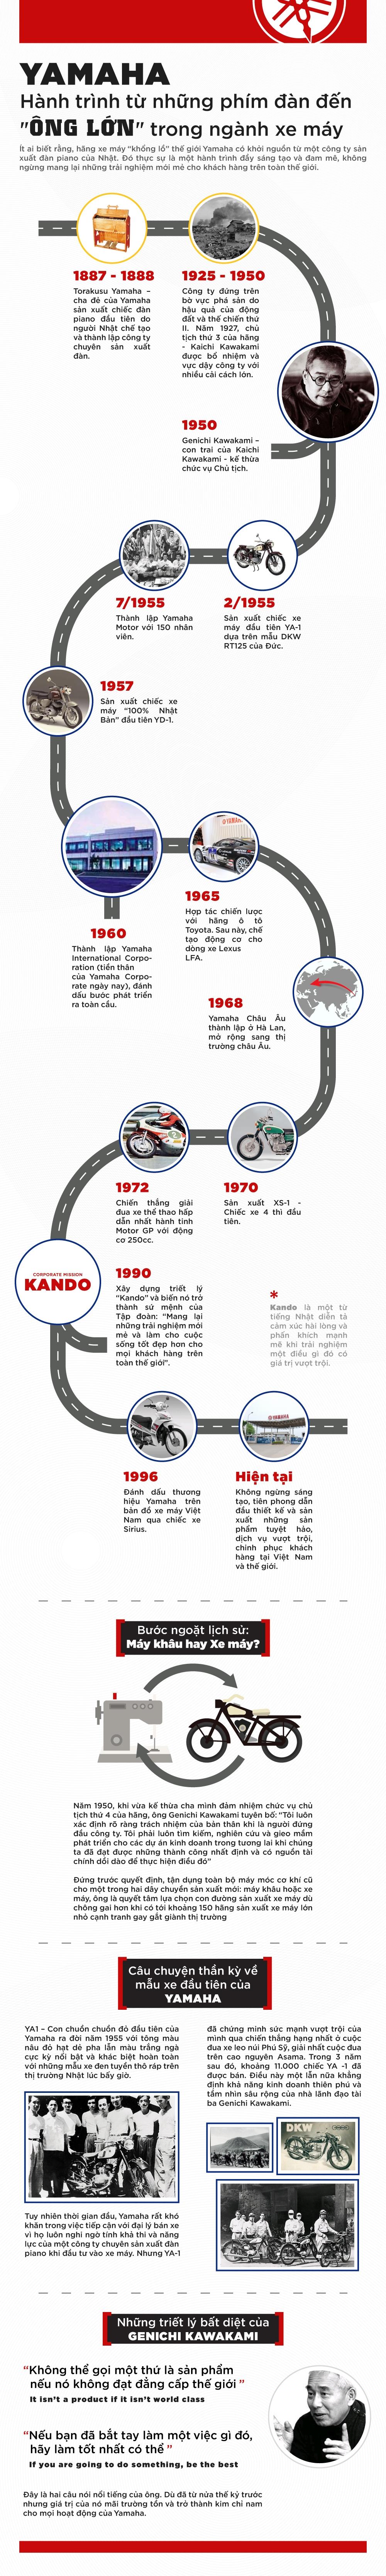 Yamaha - từ đàn piano tới hãng xe máy toàn cầu